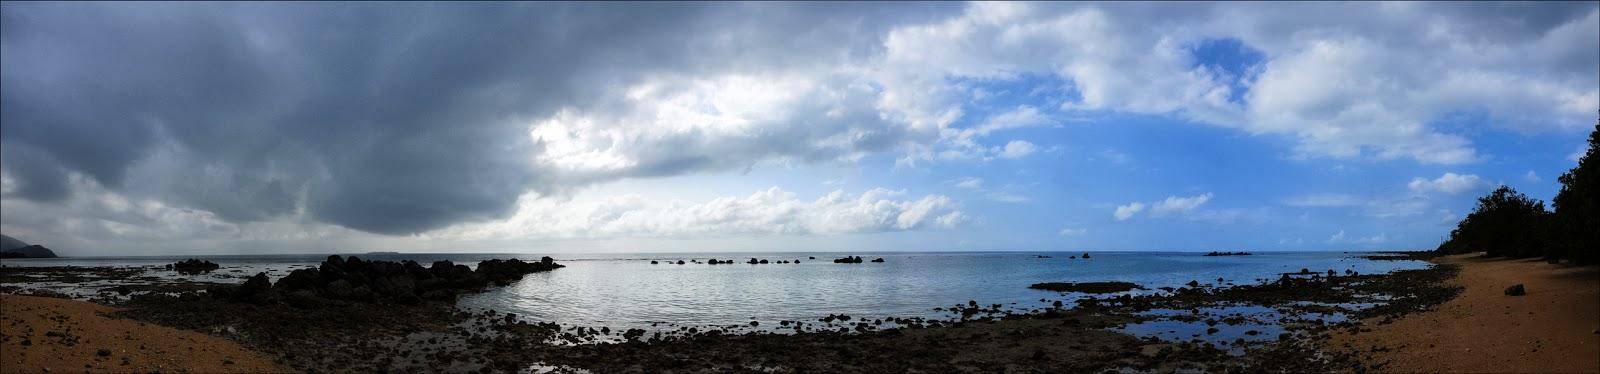 nouvelle calédonie, photo de voyage, calédonie, hienghen, panorama